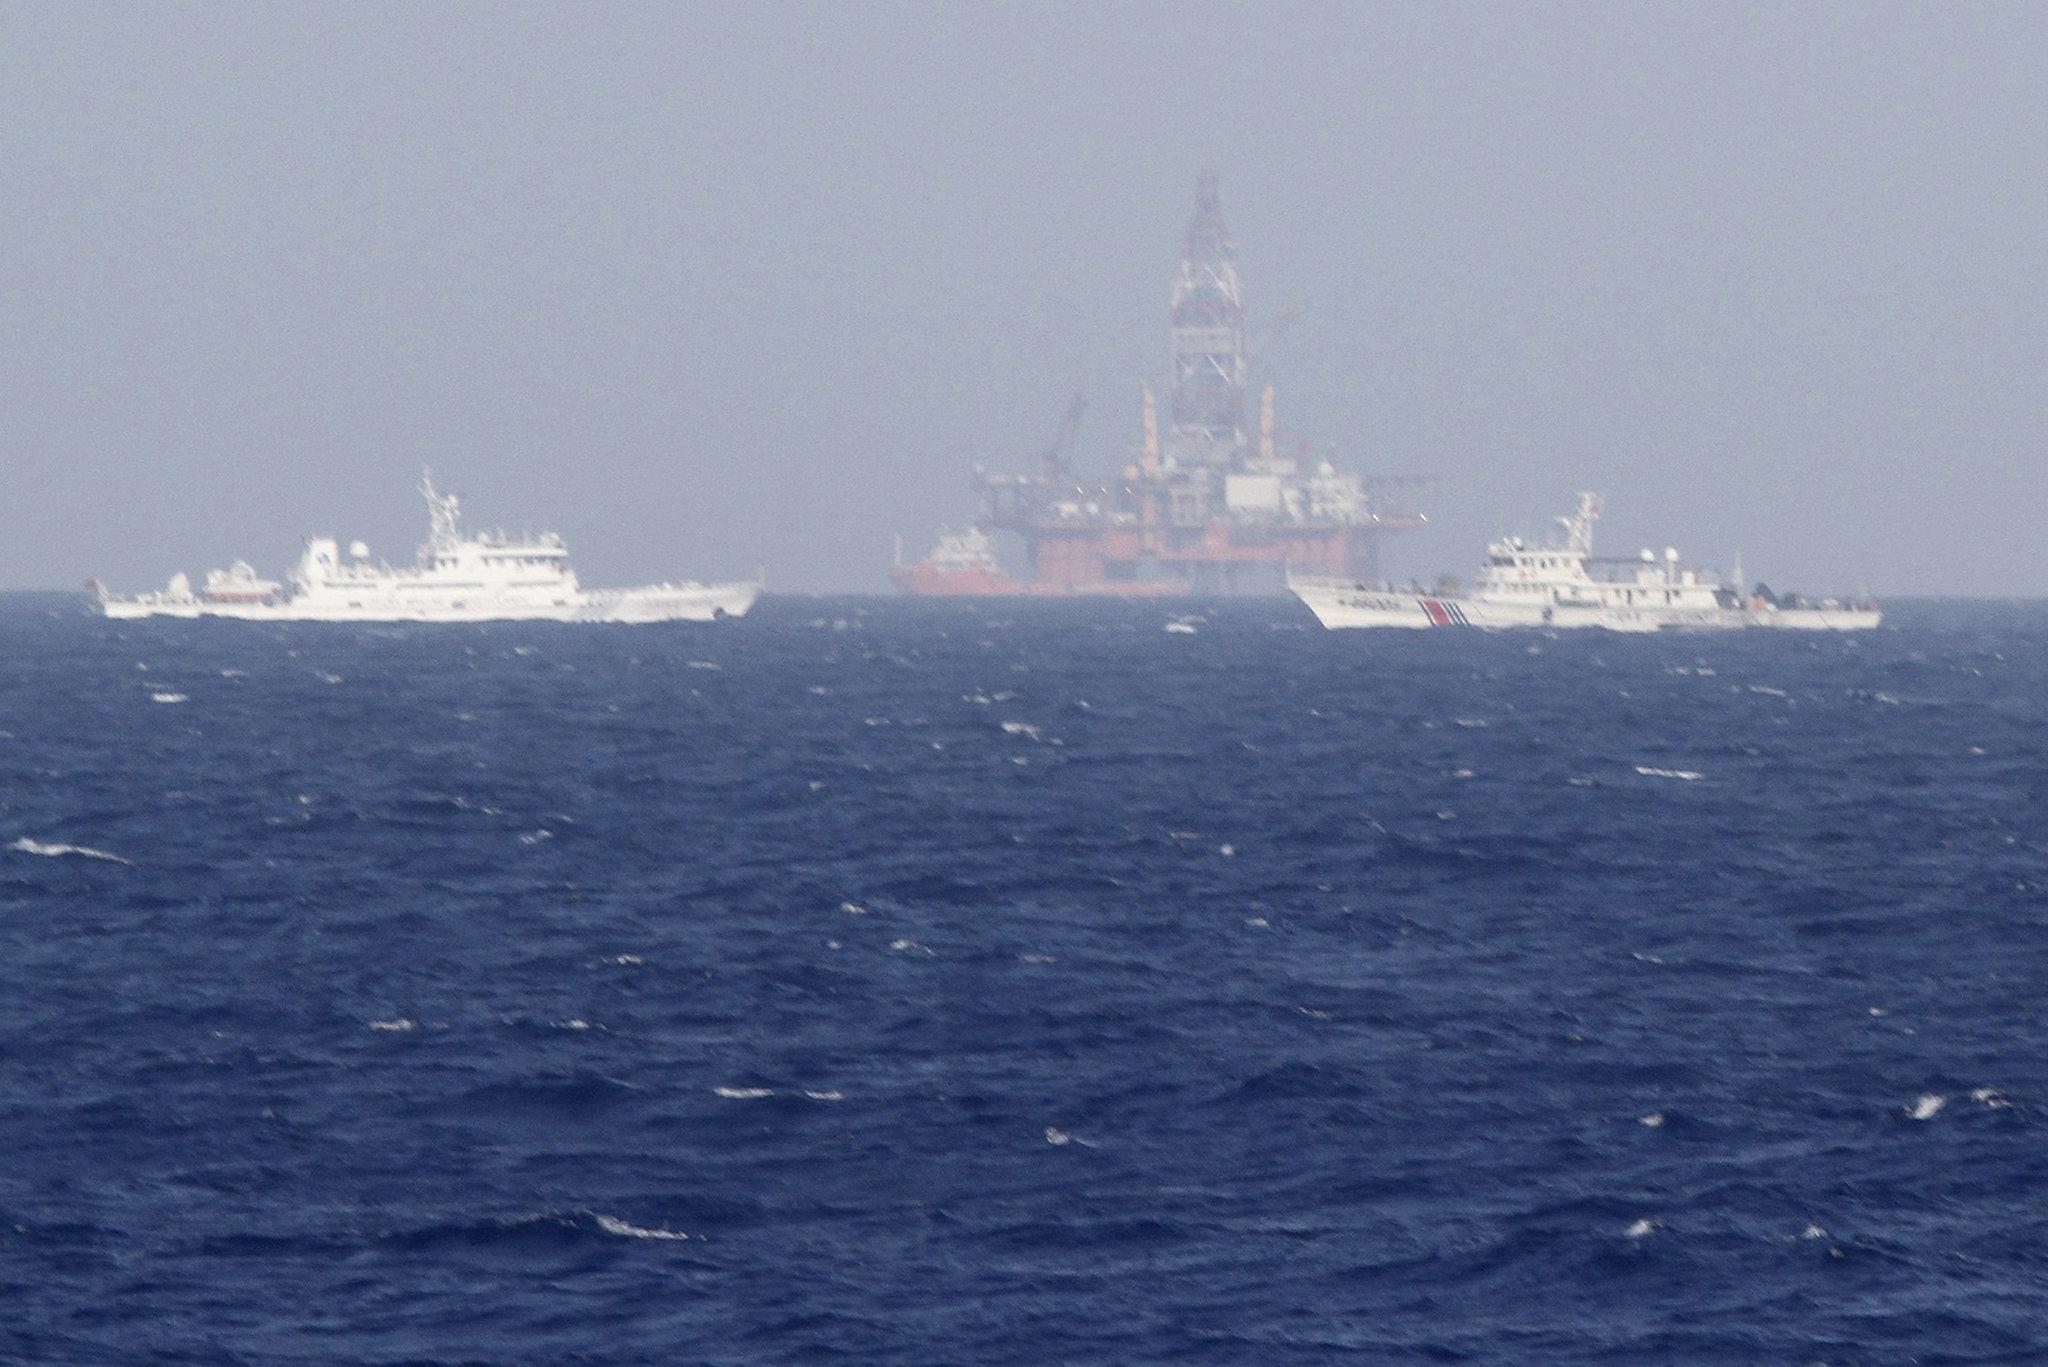 Giàn khoan Hải Dương 981 vẫn hoạt động trái phép trong vùng biển Việt Nam